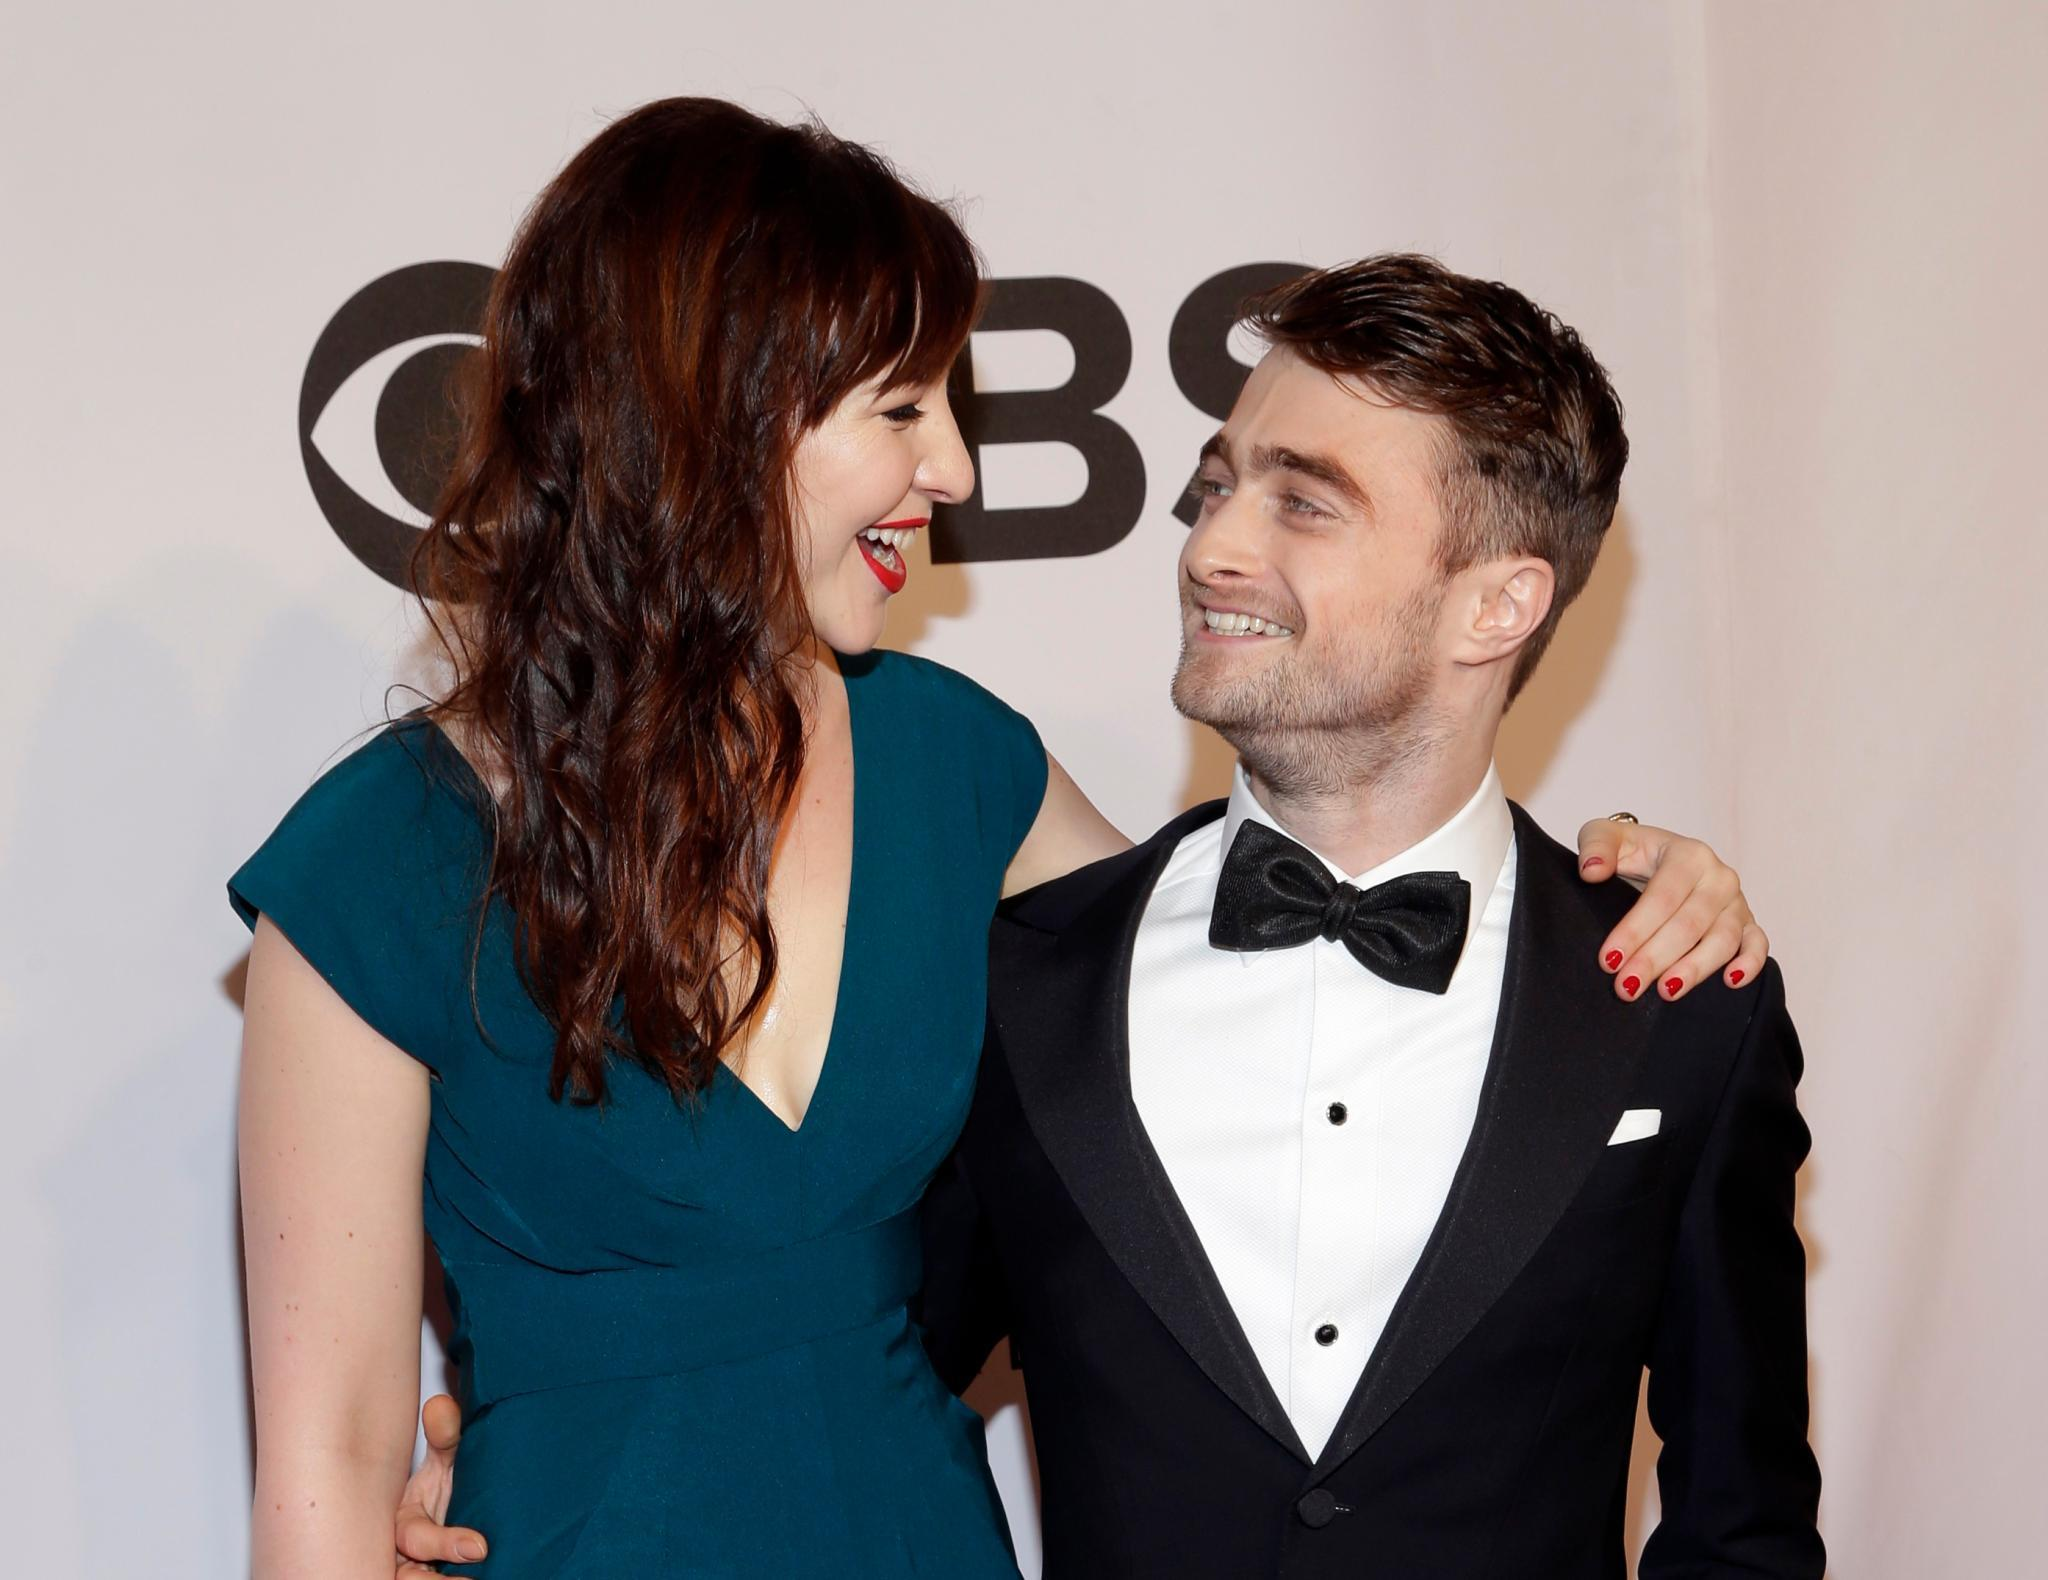 Daniel Radcliffe hat seine Freundin Erin Darke mitgebracht.